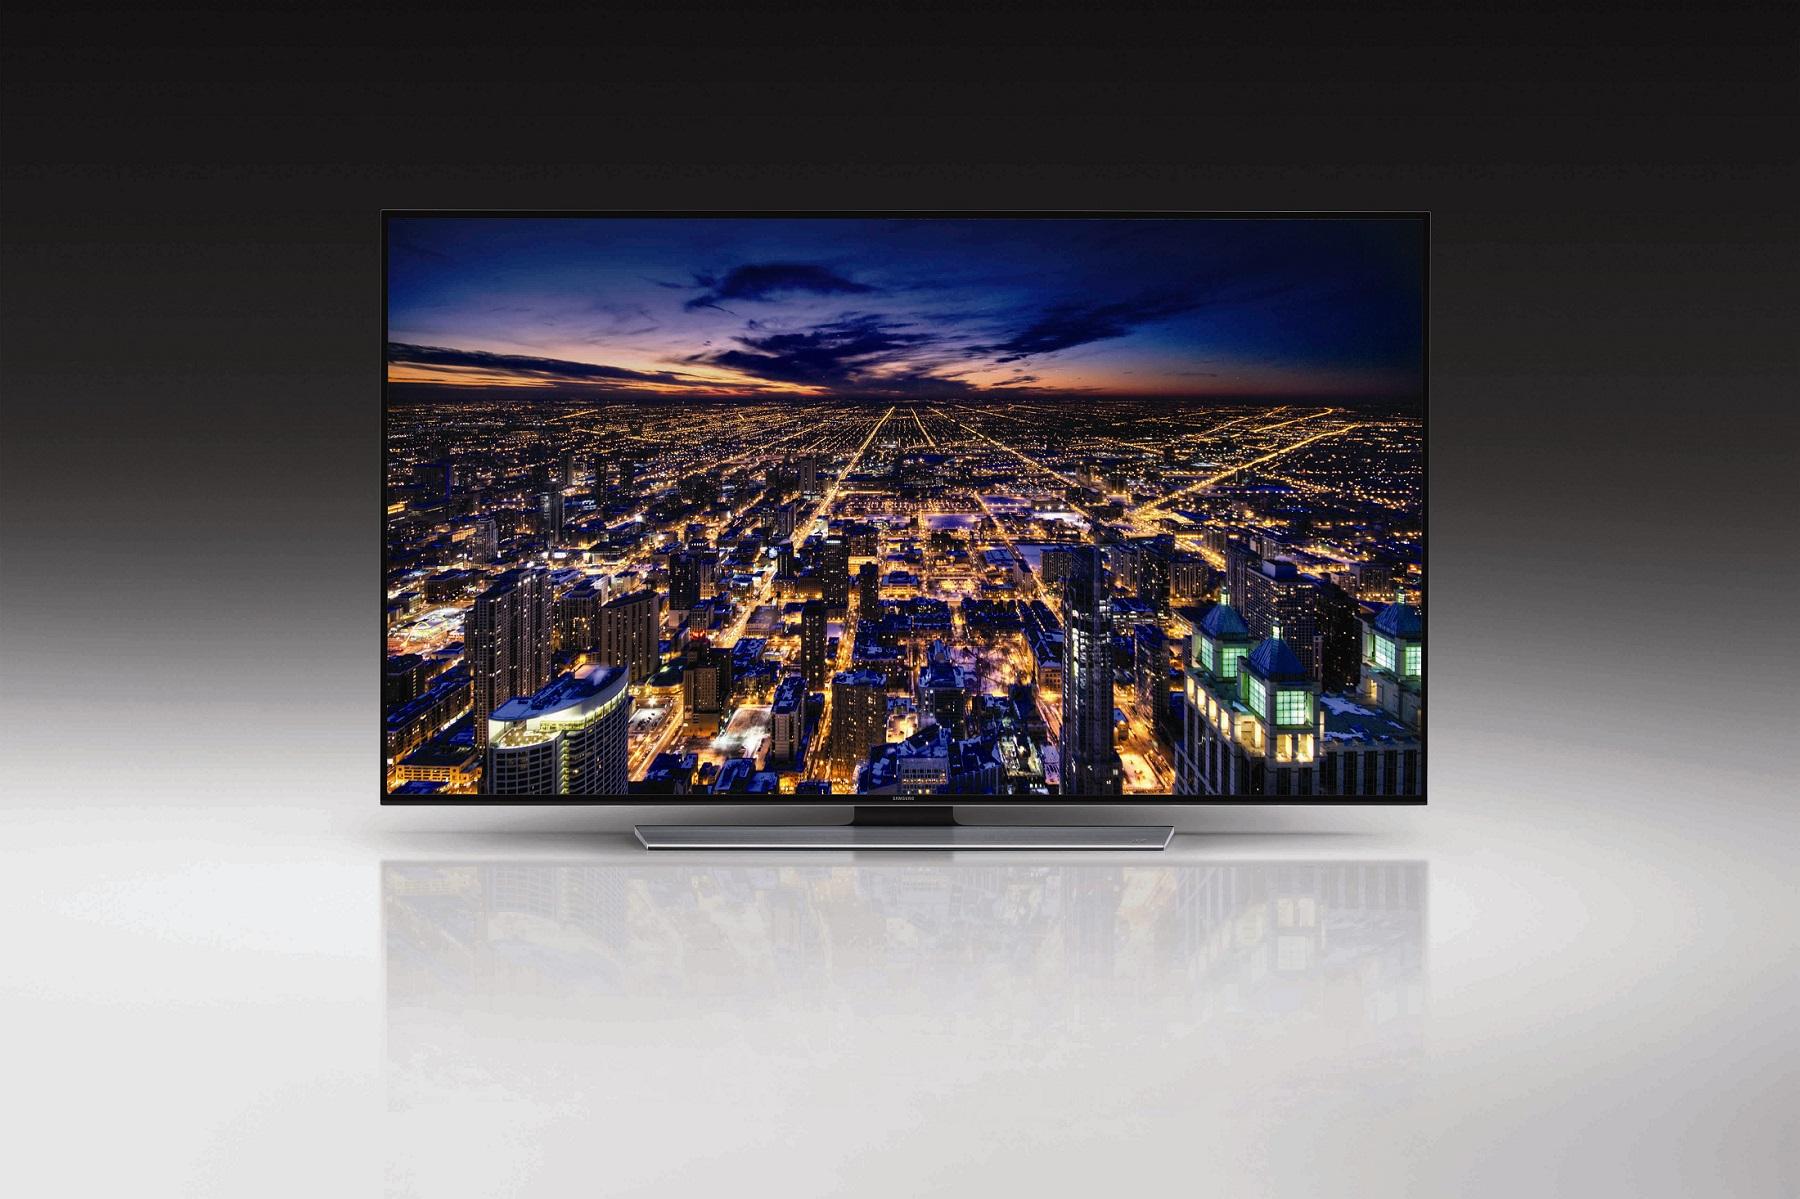 Samsung stellt UHD-SmartTVs für Deutschland vor: 48 Zoll ab 2049 Euro